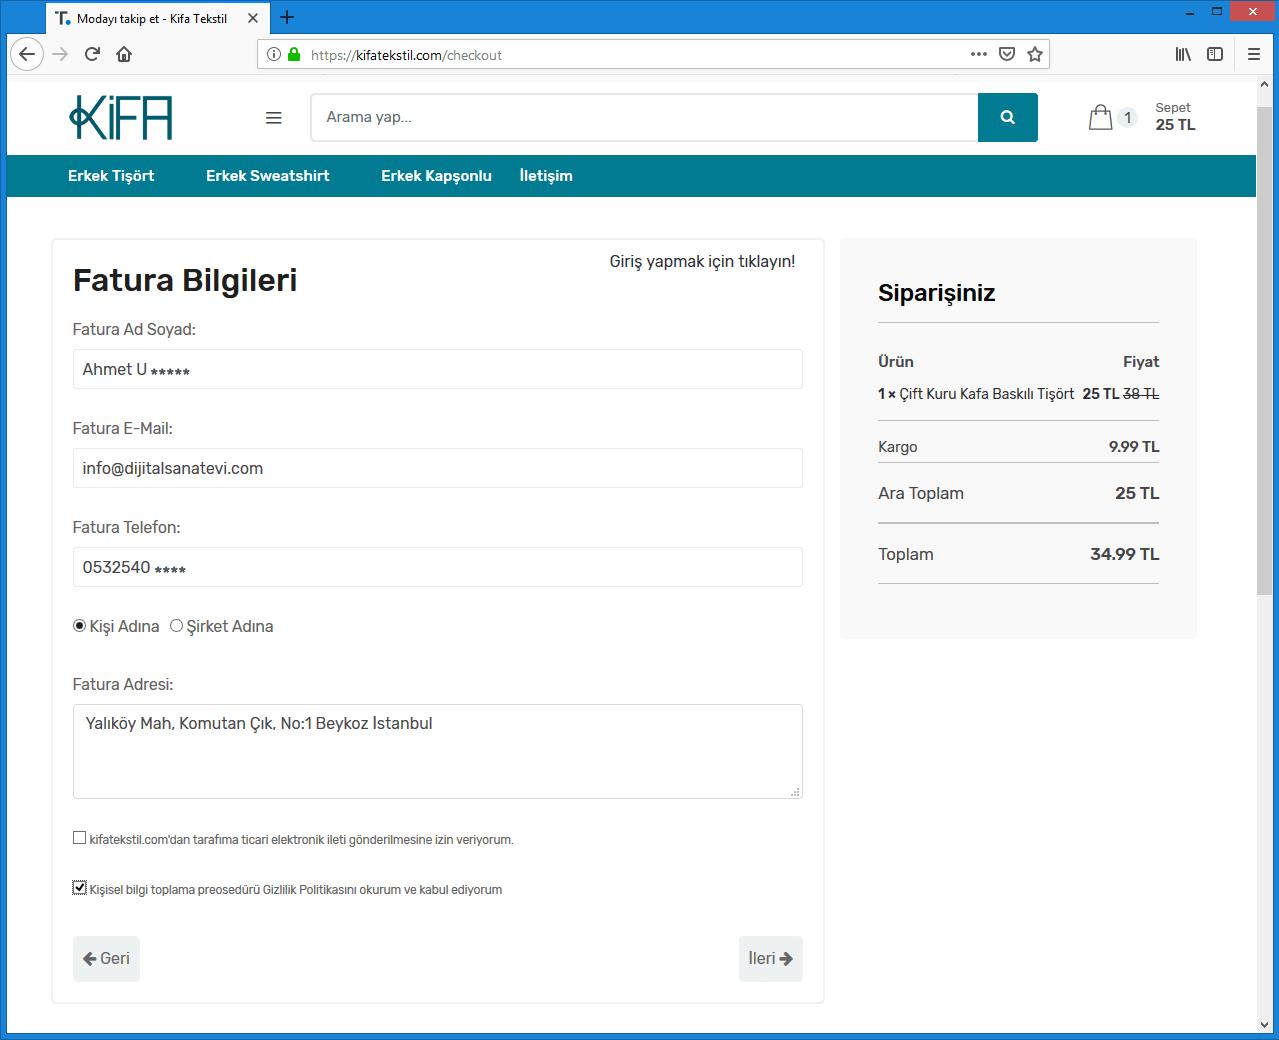 E-Ticaret Sipariş Fatura Bilgileri